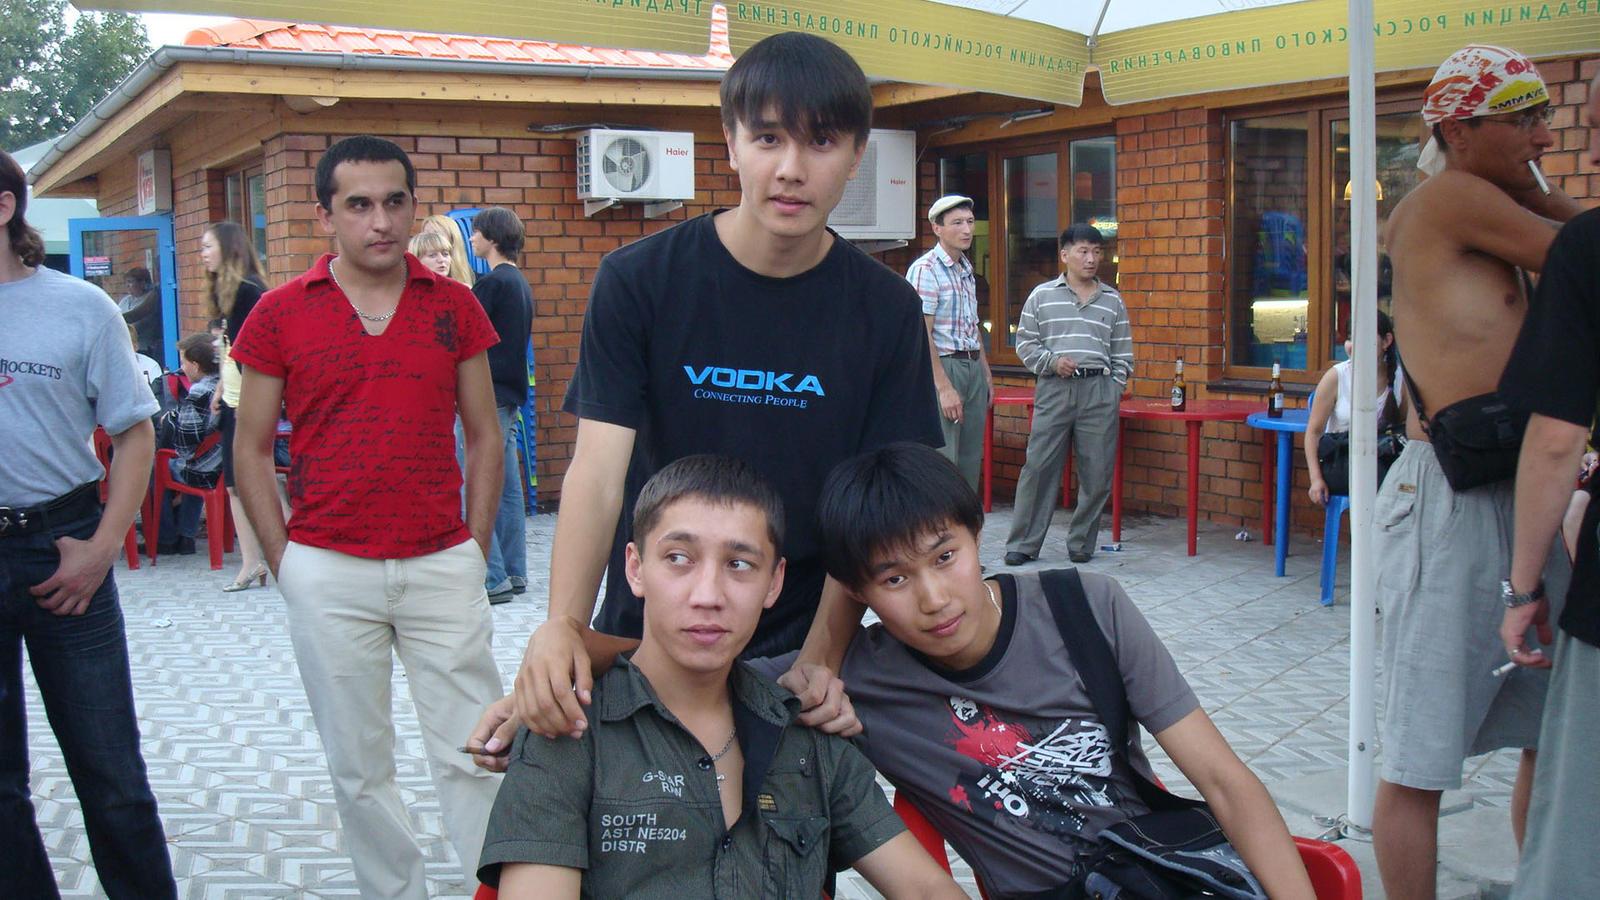 Торрентовка [18 августа 2008]